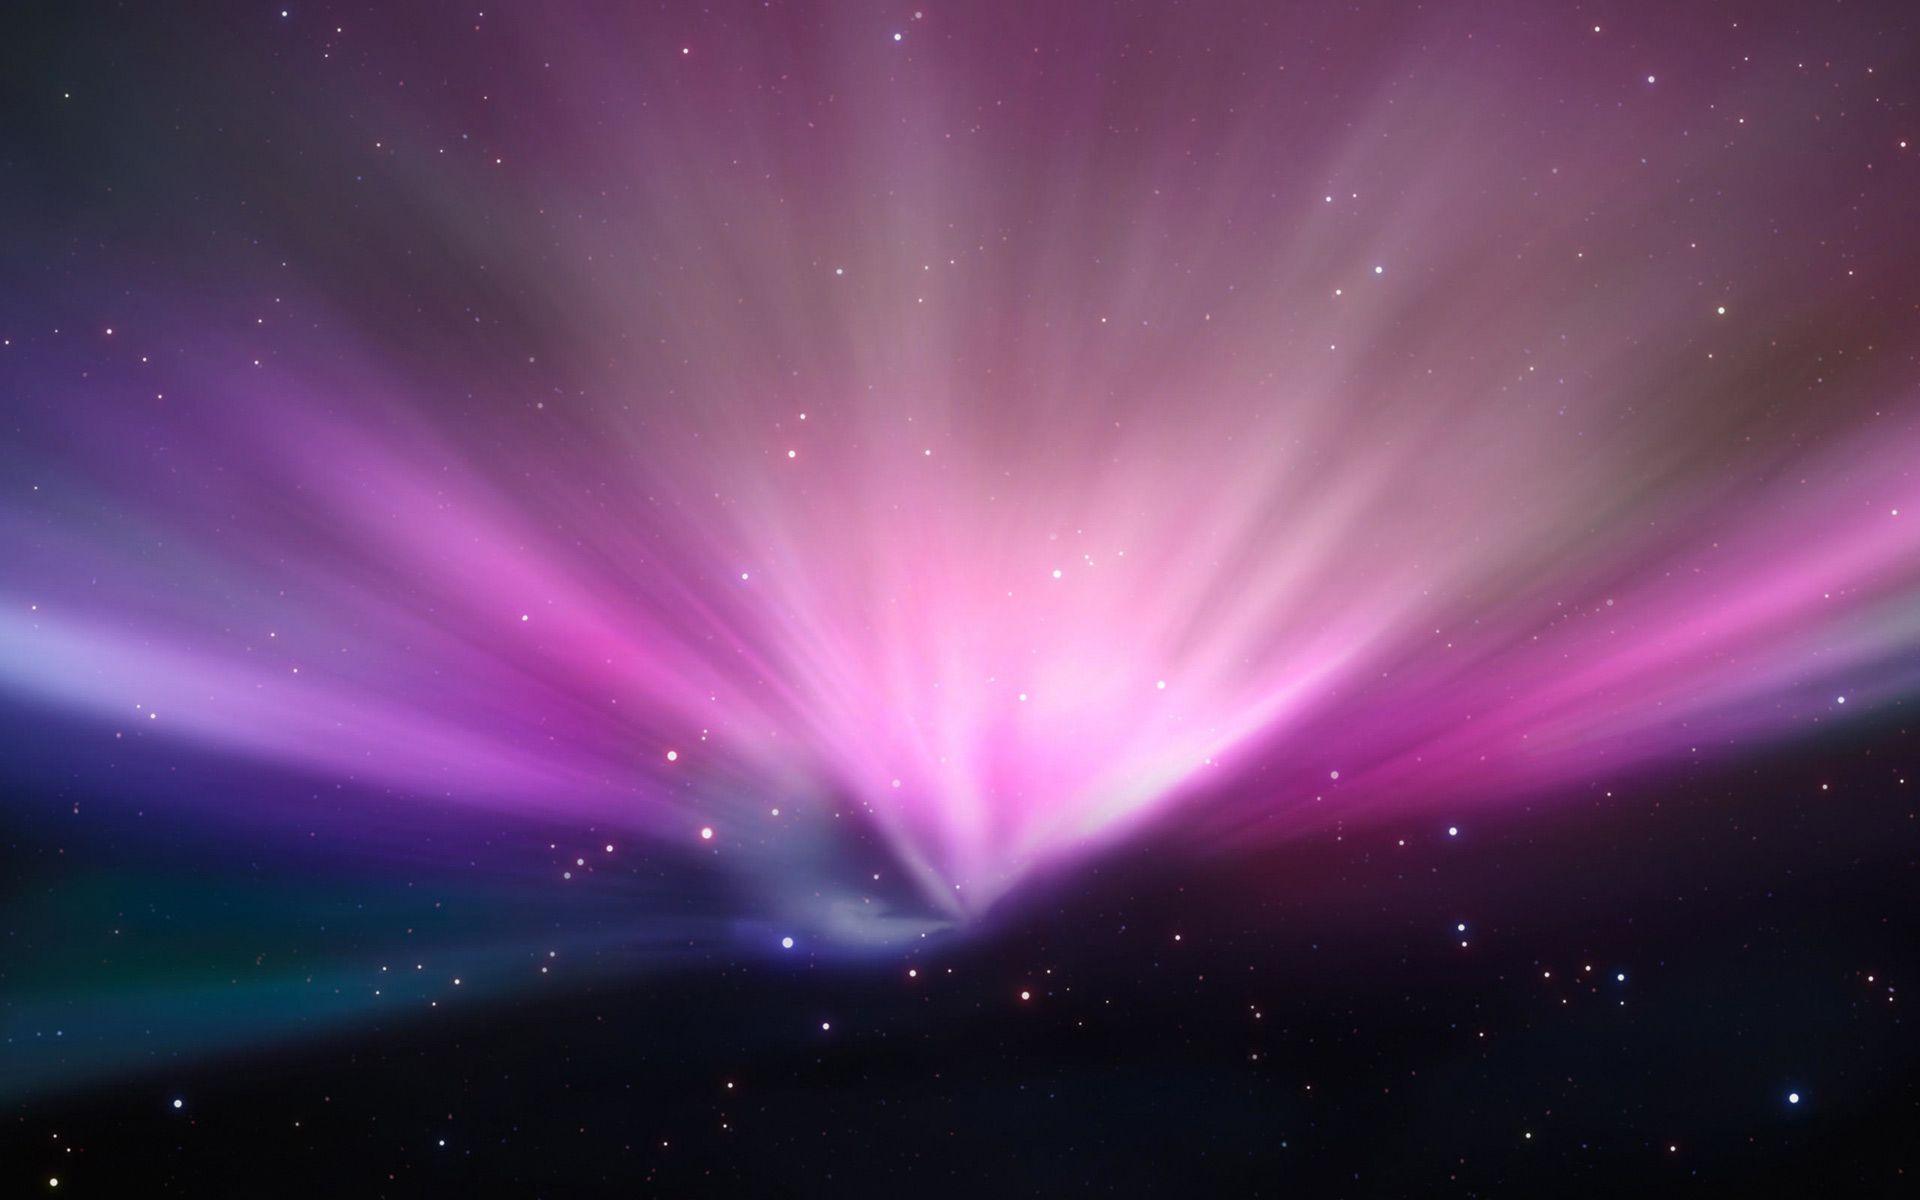 Épinglé par Cheri M. sur Space..... Fond d'écran de